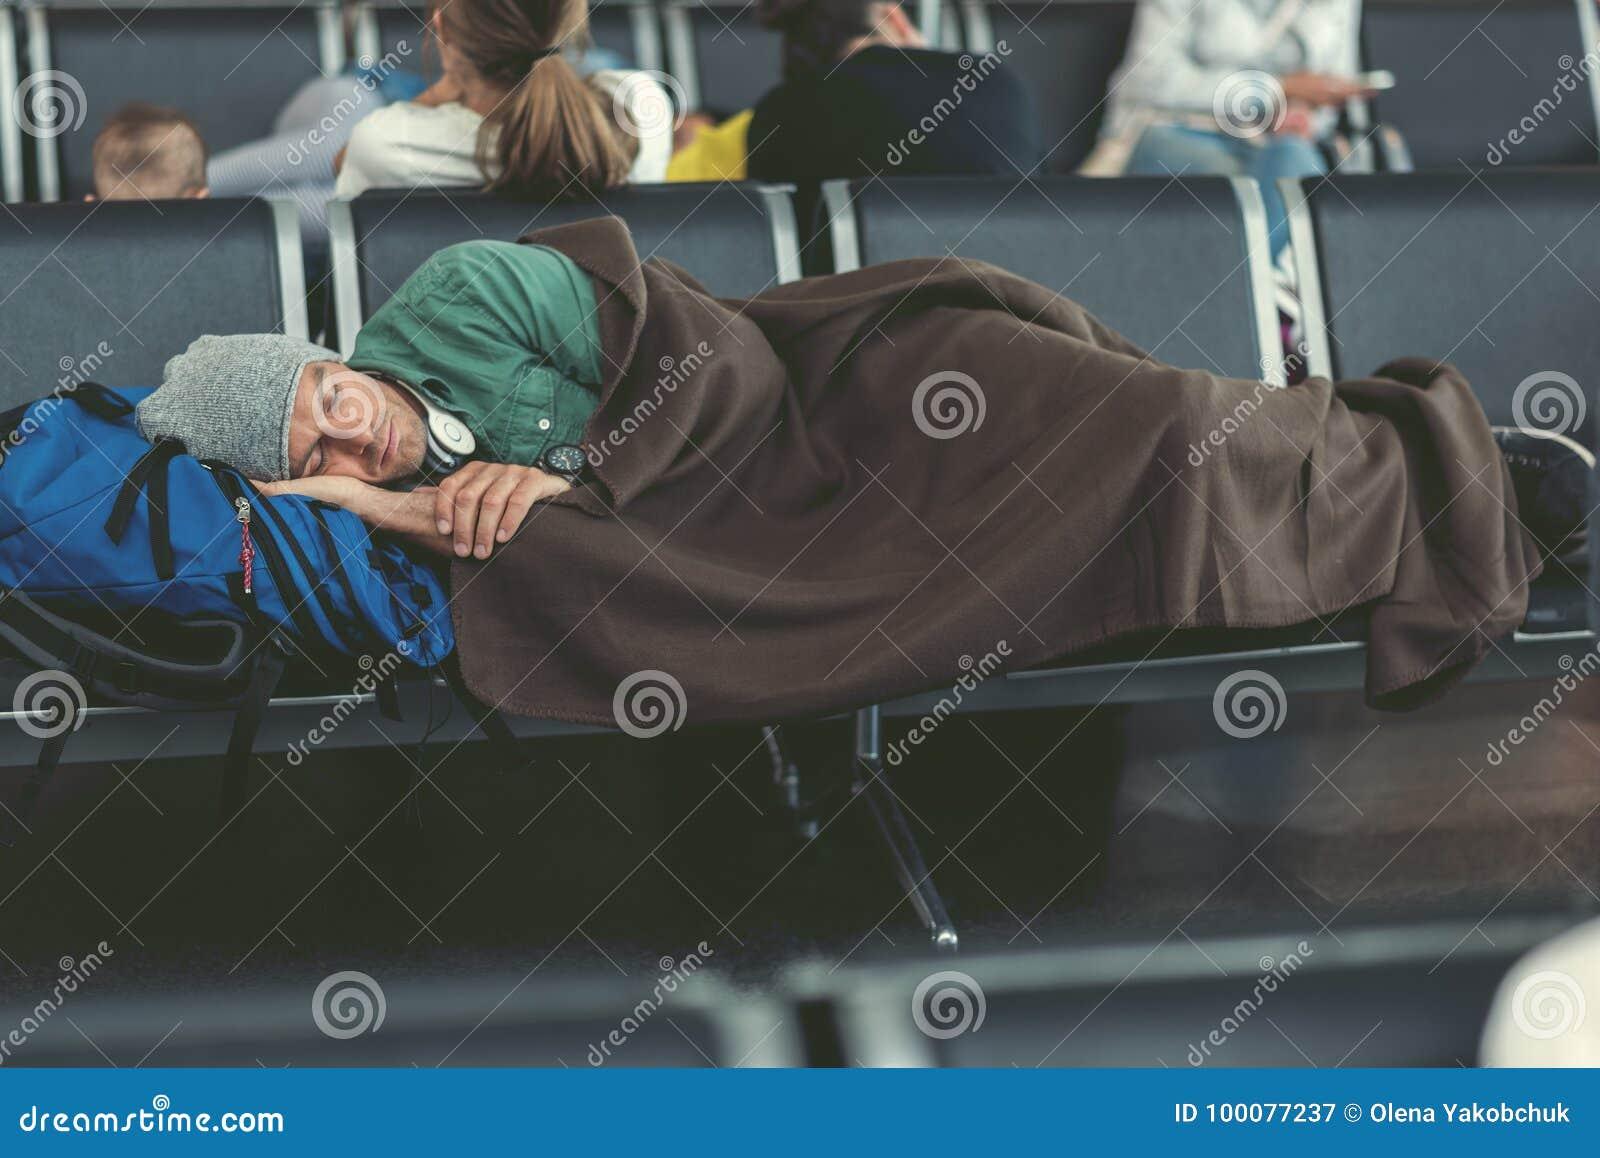 Le type fatigué dort dans le salon d aéroport